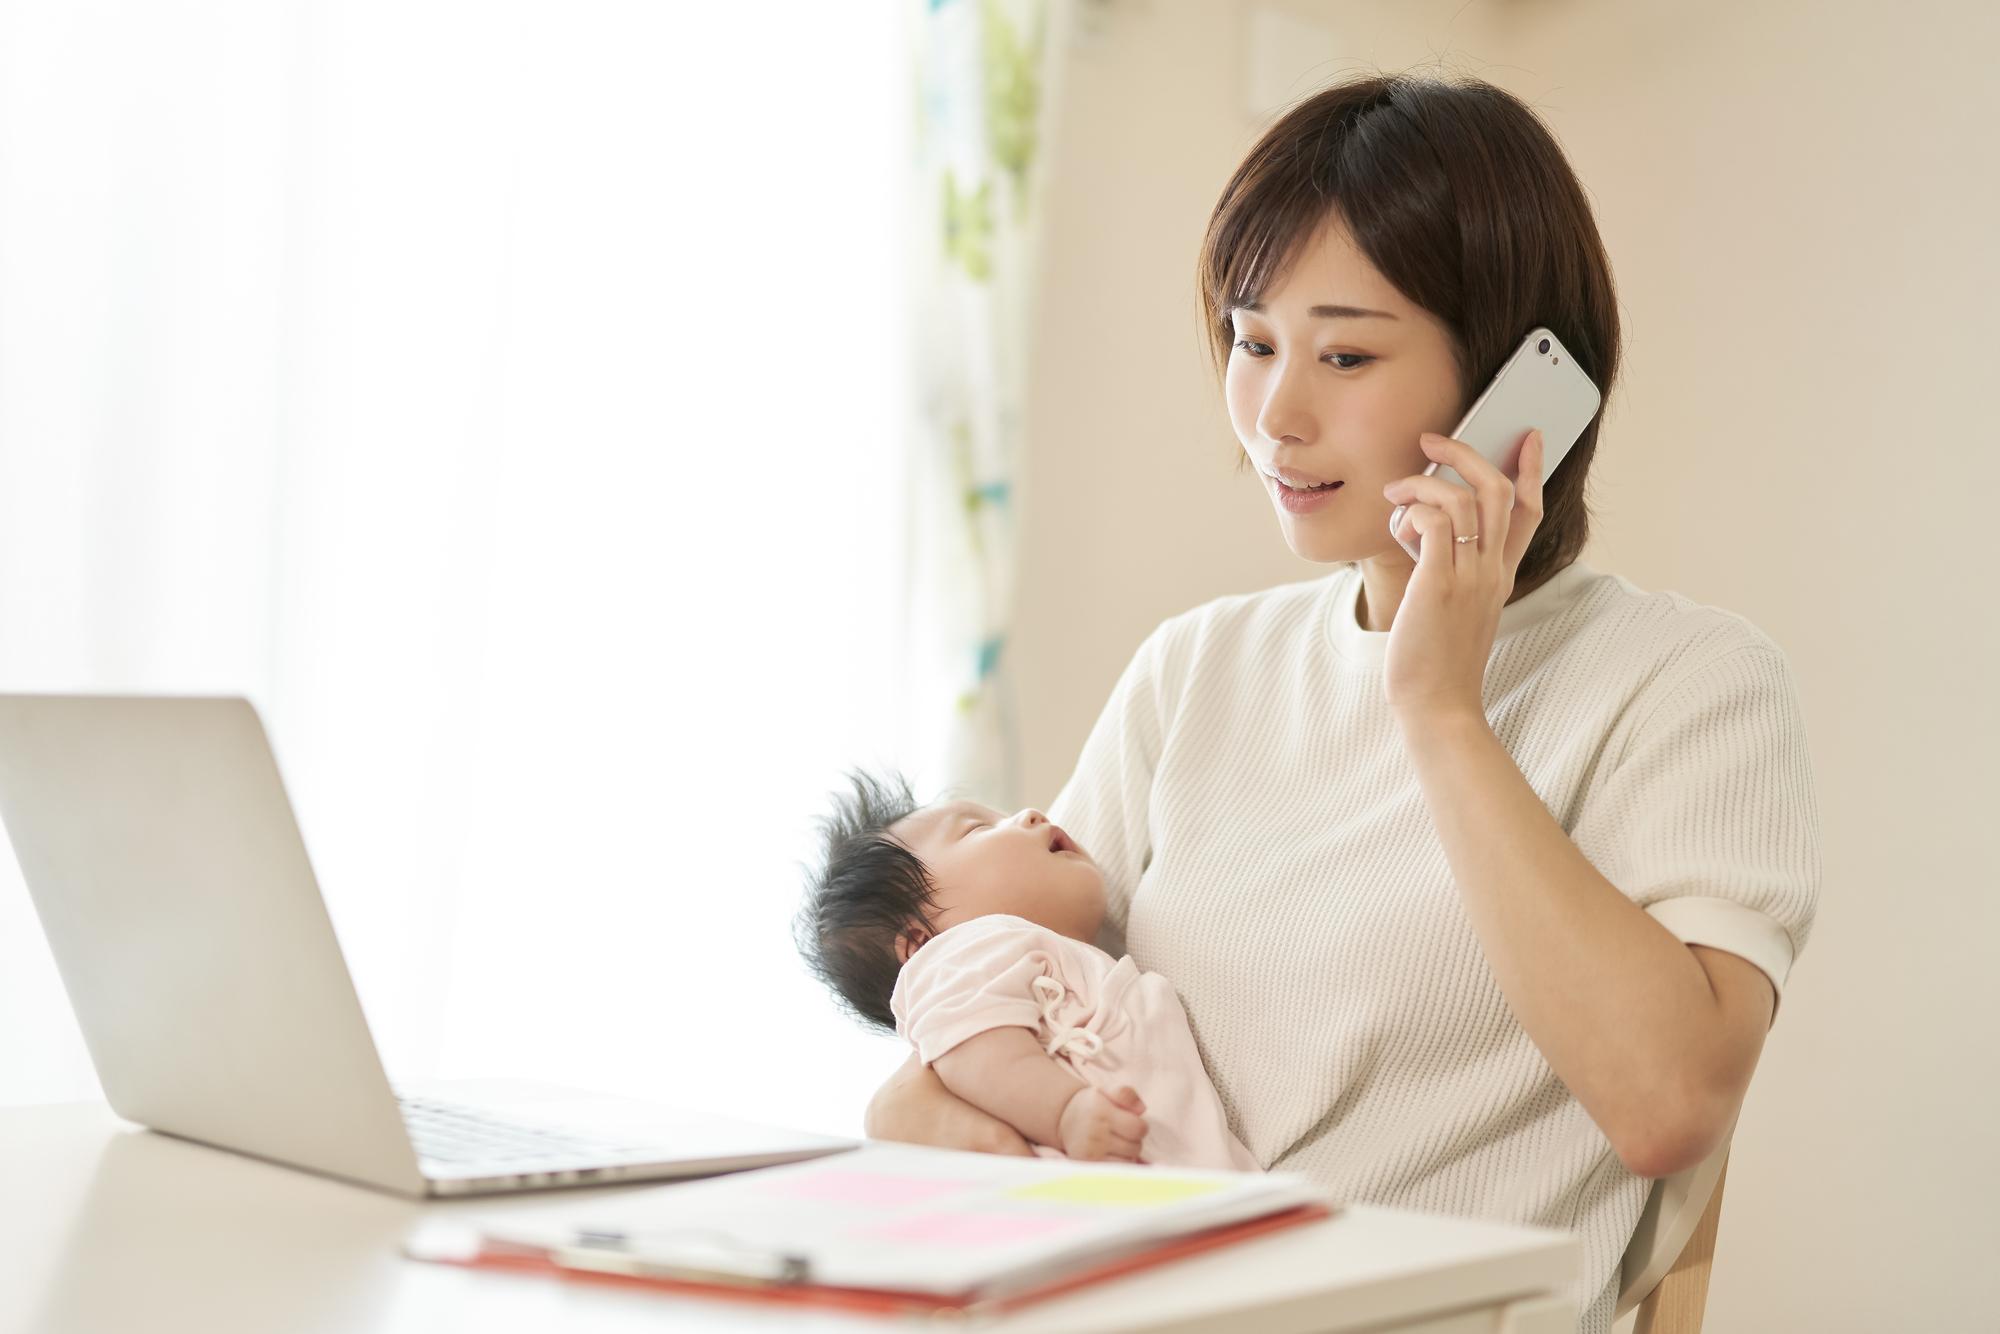 テレワーク・在宅勤務の就業規則やルールはどうする?トラブルにならないための注意点